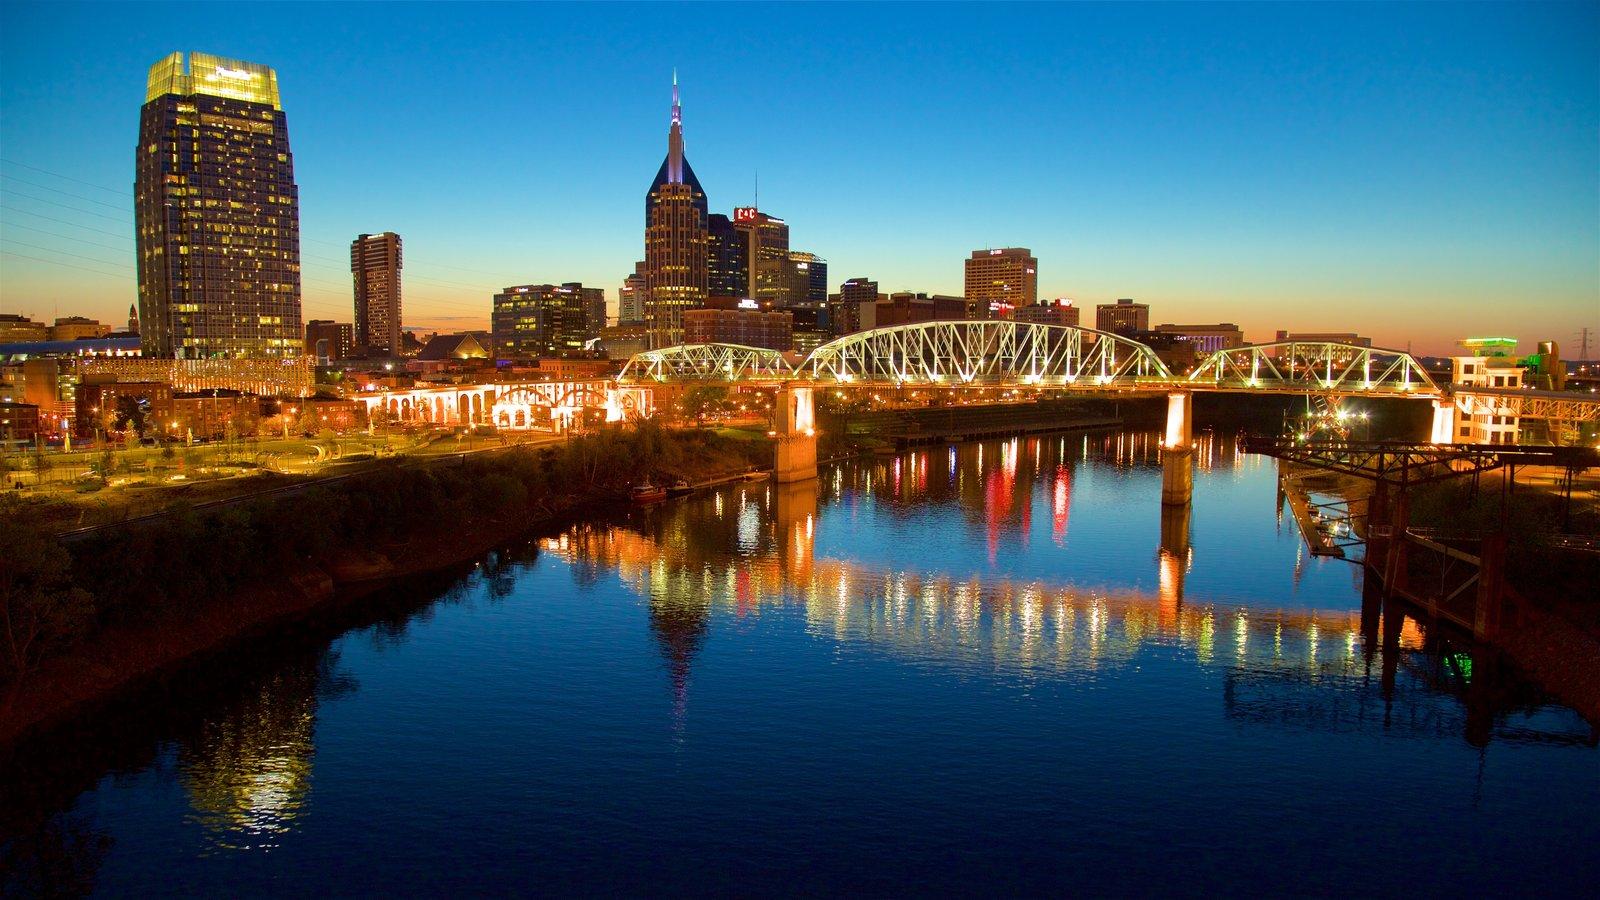 Nashville ofreciendo un río o arroyo, un puente y escenas nocturnas